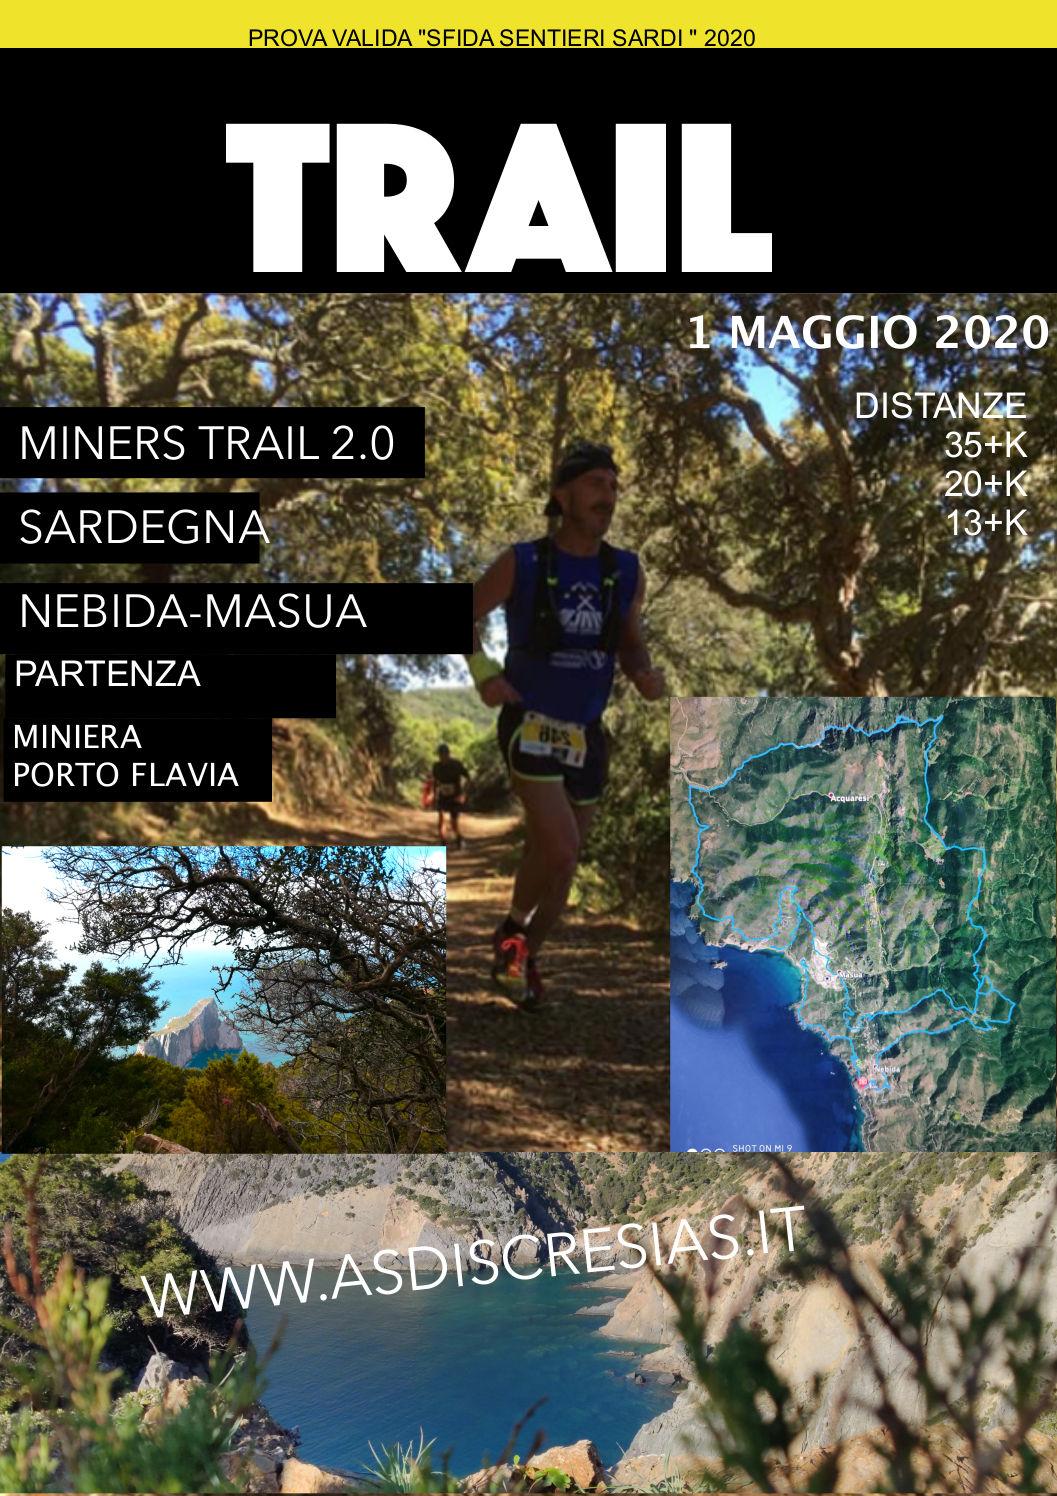 Miners Trail 2.0